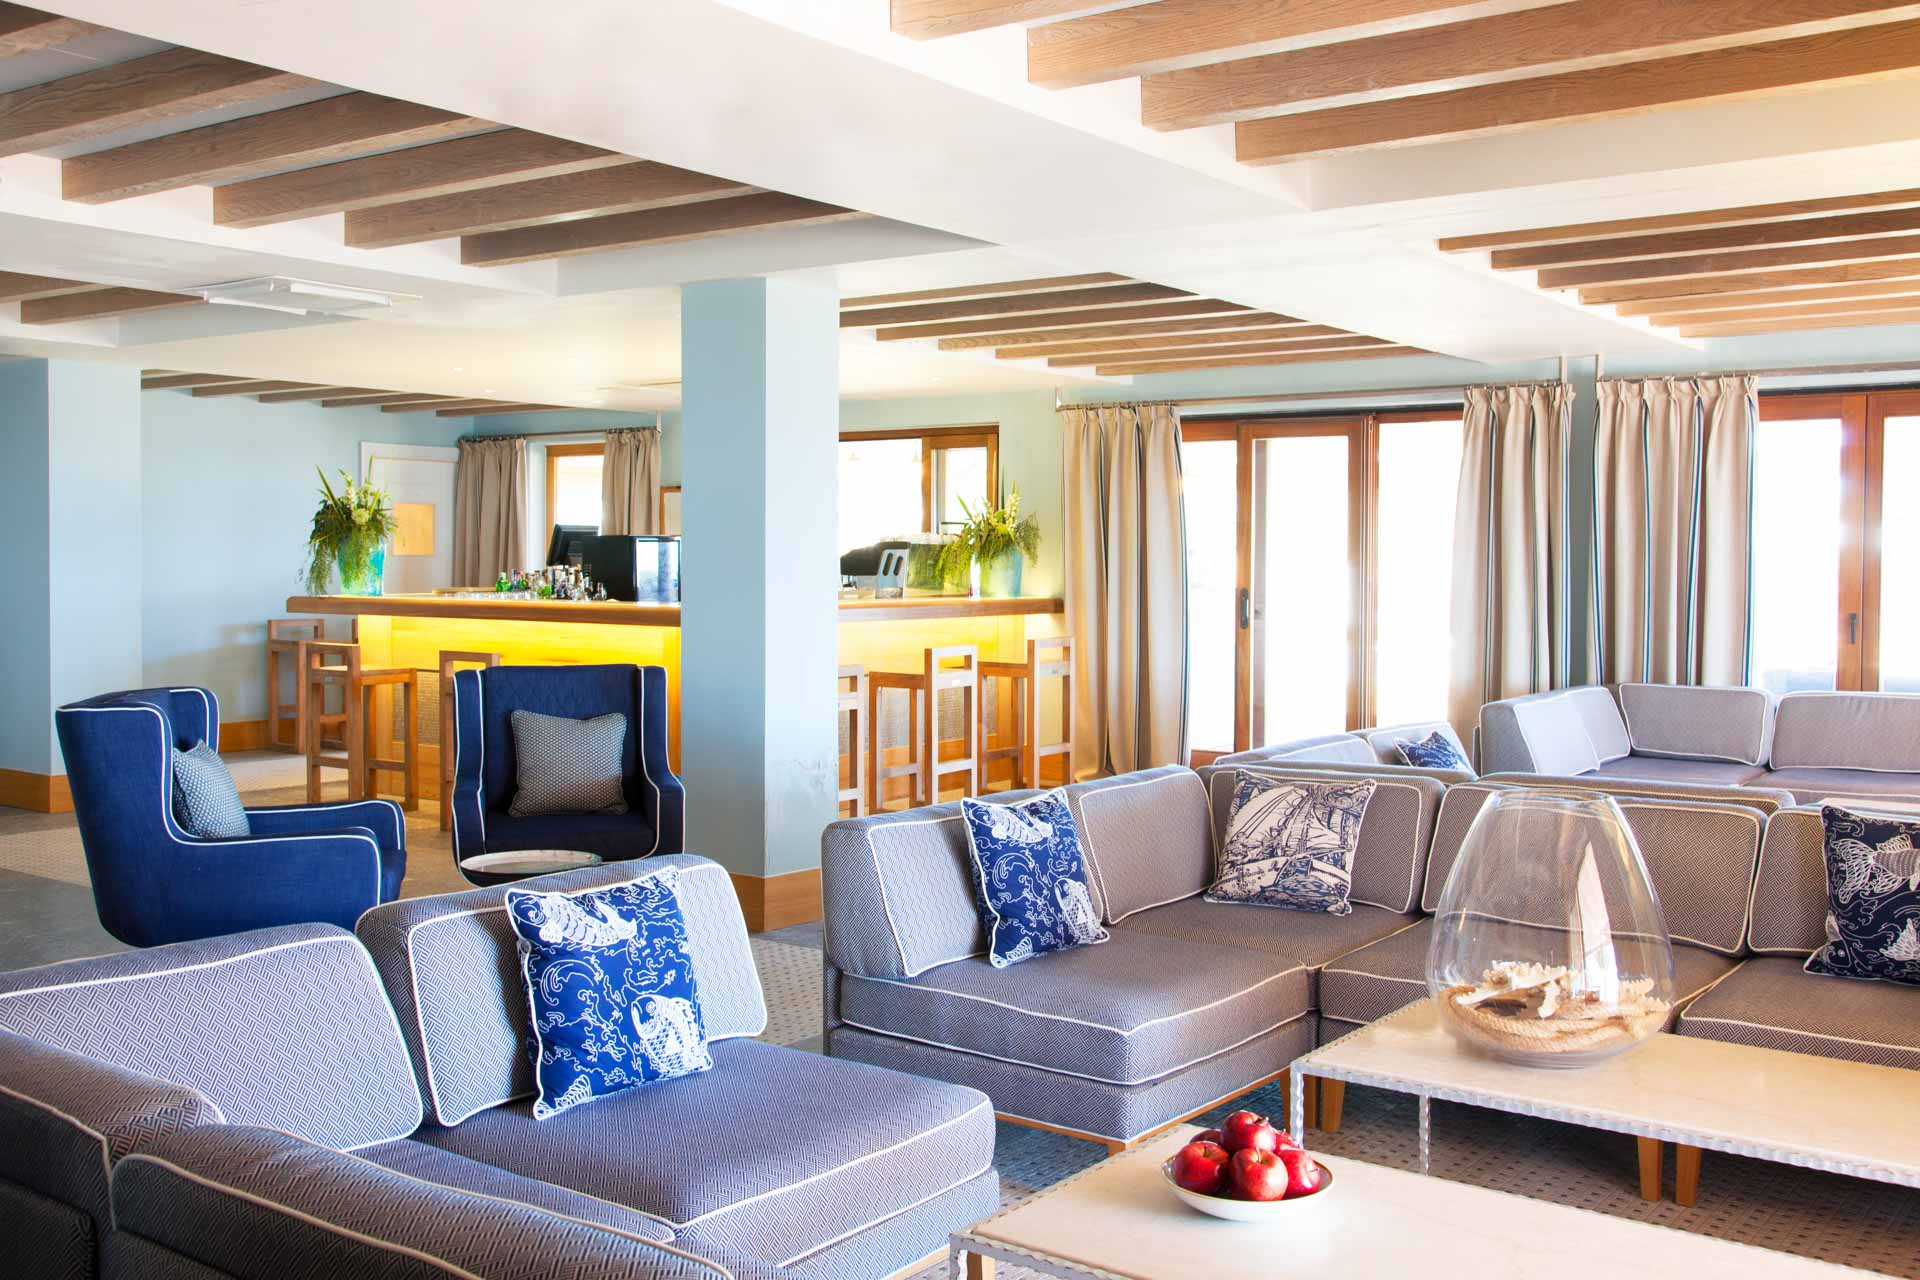 L'hôtel, considéré comme l'adresse la plus exclusive de l'île, a choisi d'incarner tout le raffinement de l'esprit Riviera des années 1950